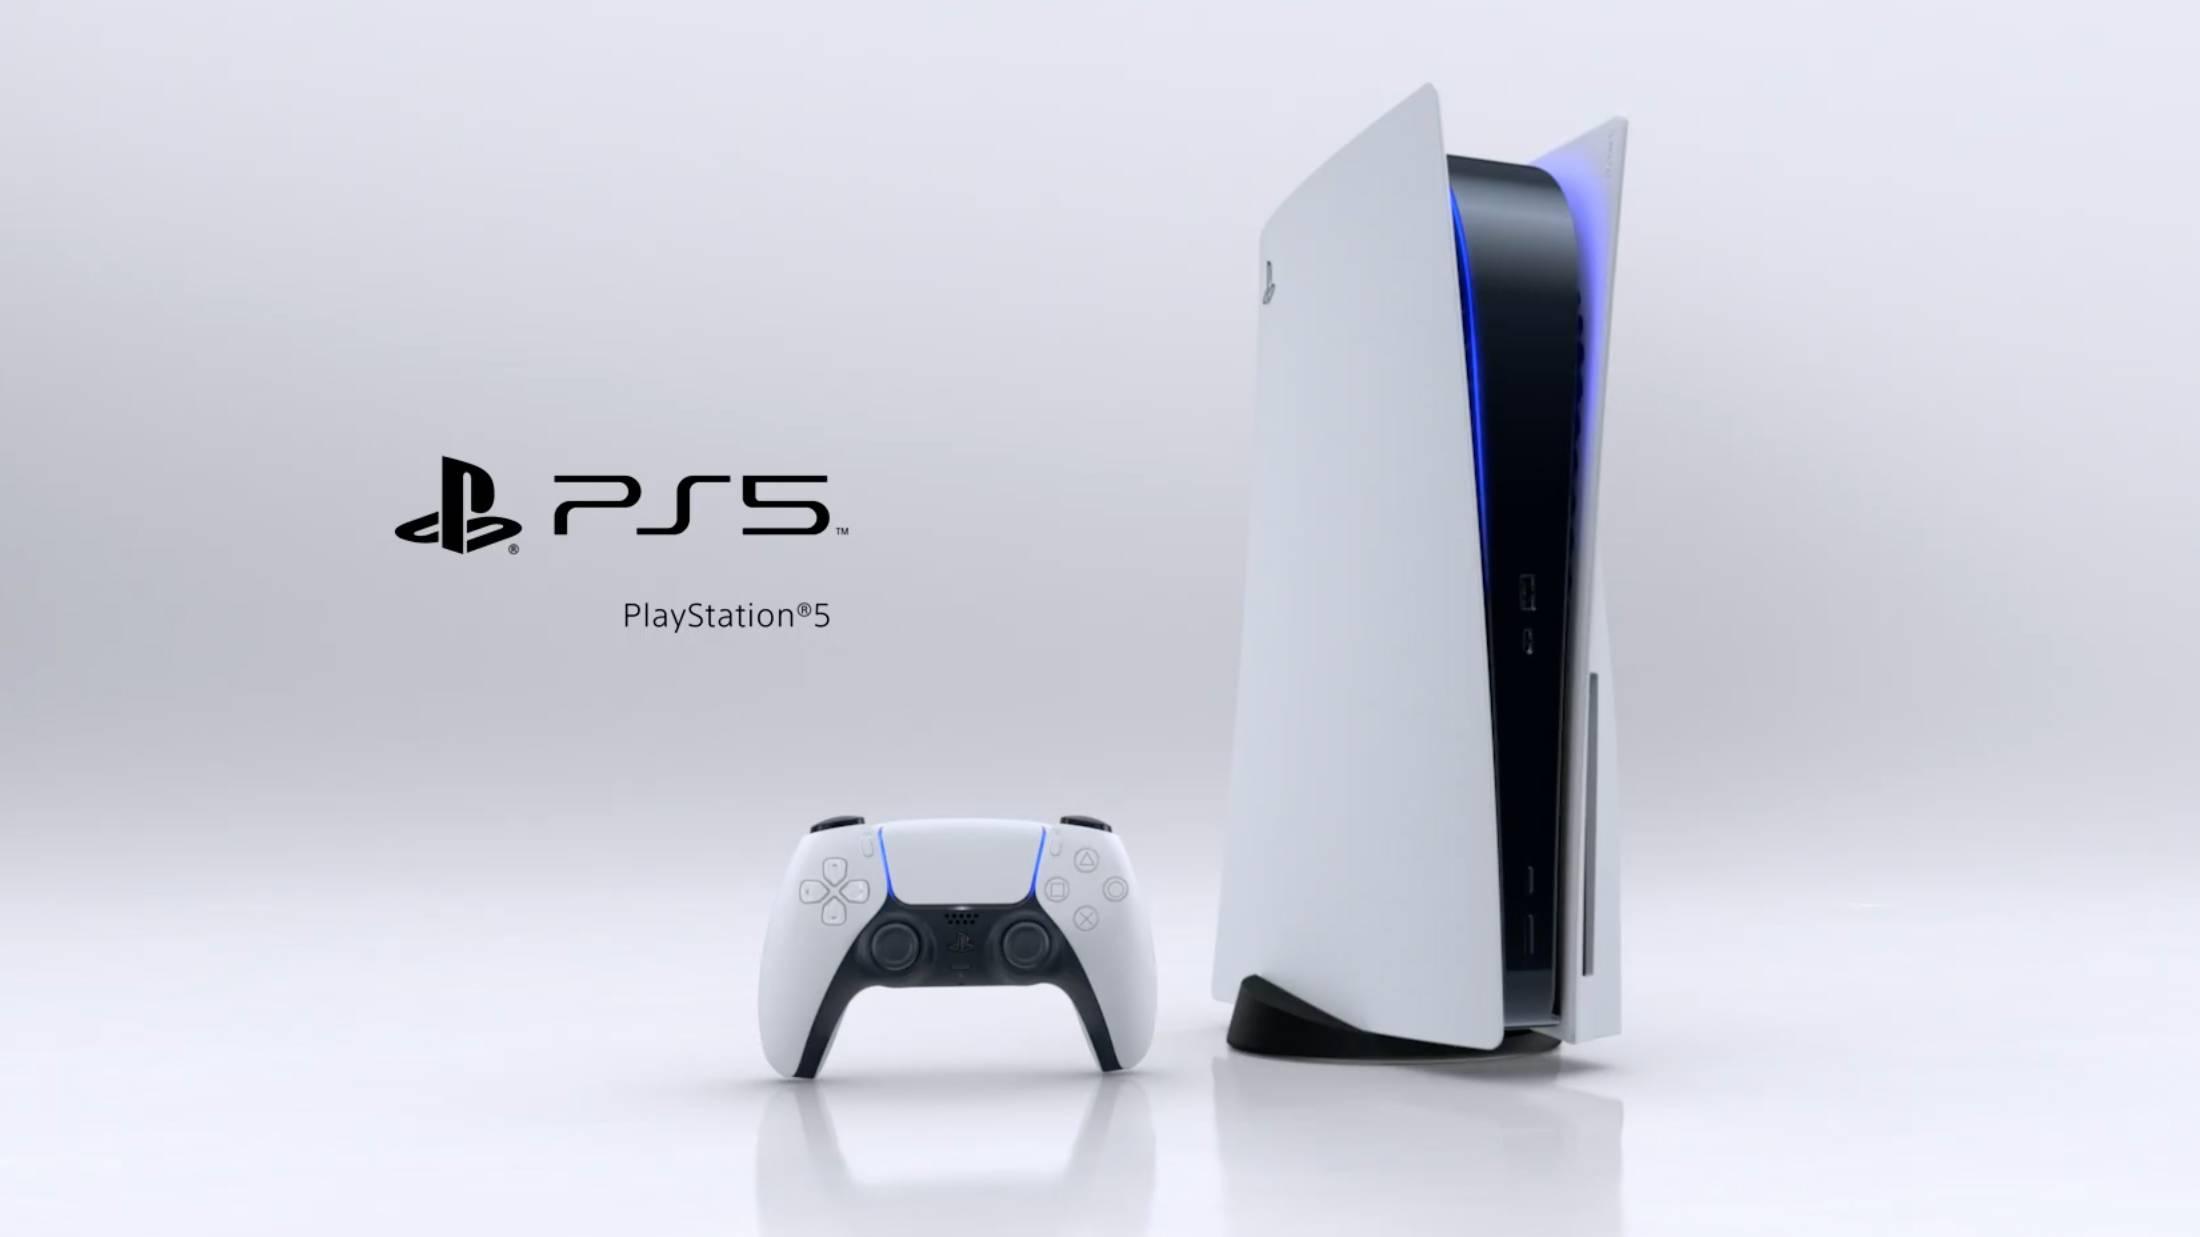 מחיר ה-PS5 והזמנה מוקדמת: כמה תעלה הפלייסטיישן 5? »